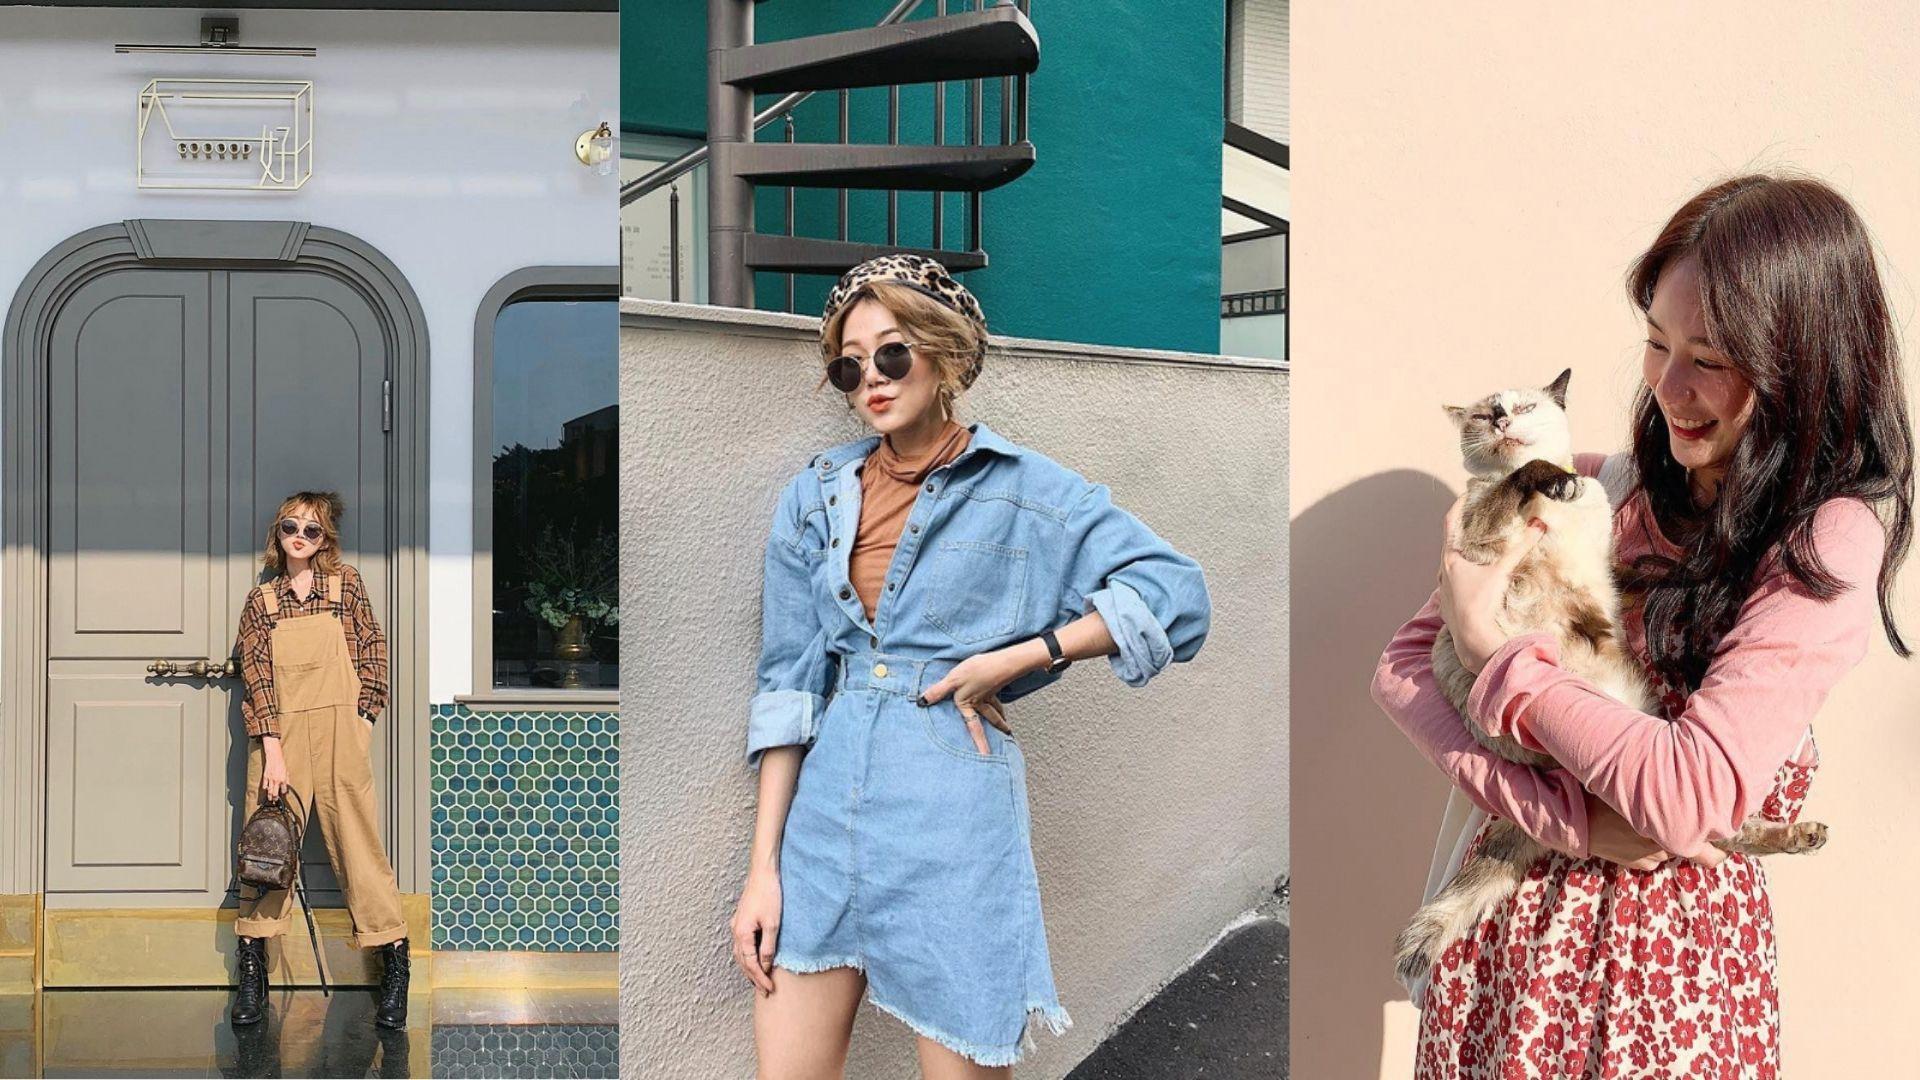 Gợi ý bạn 5 gam màu thời trang cơ bản siêu sang, siêu tôn da cho mùa hè